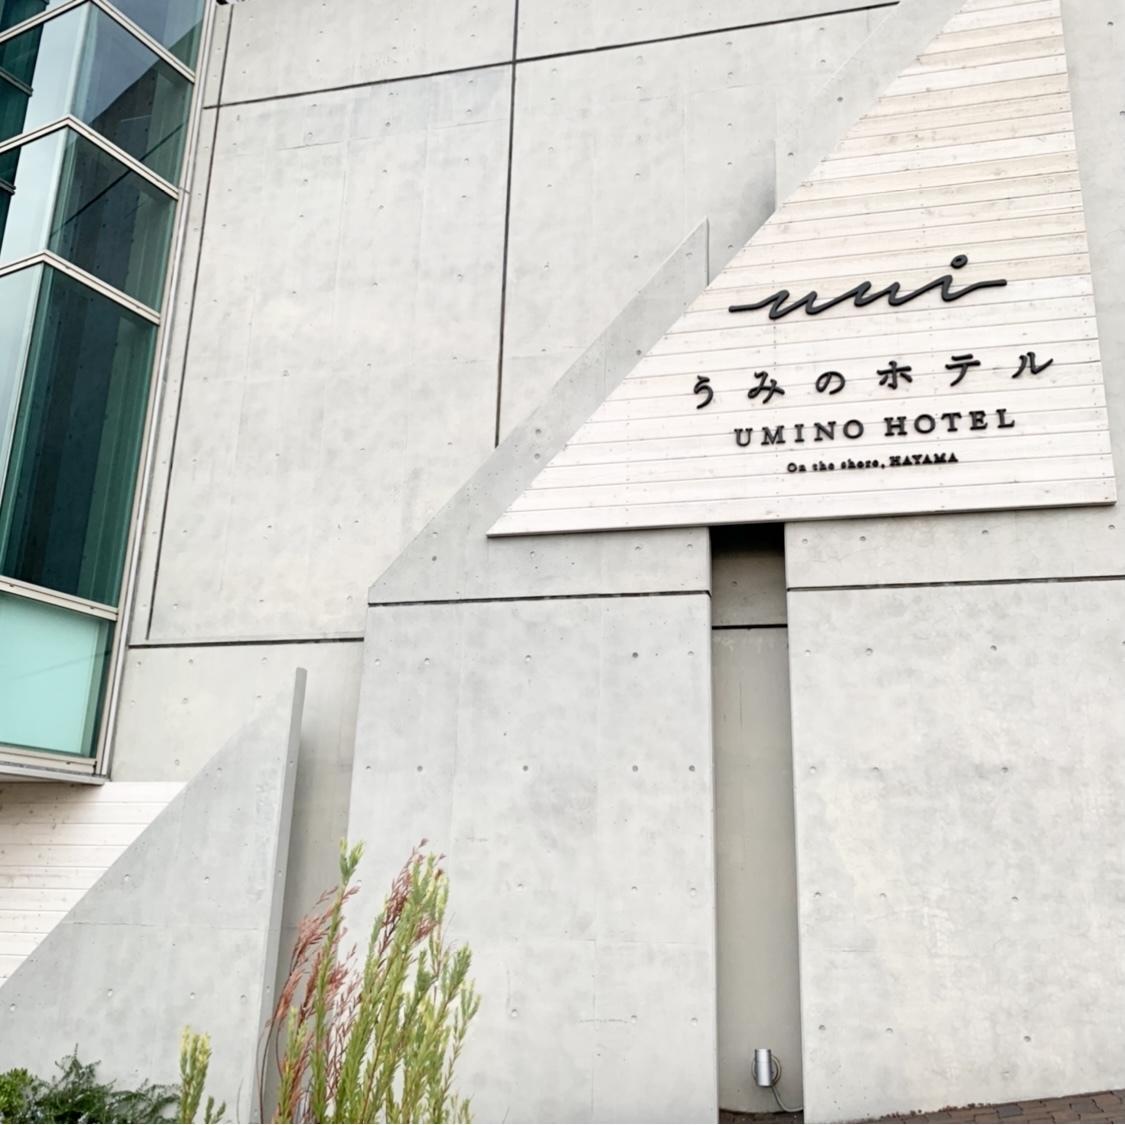 【葉山女子旅①】うみのホテルが最高でした!_1_2